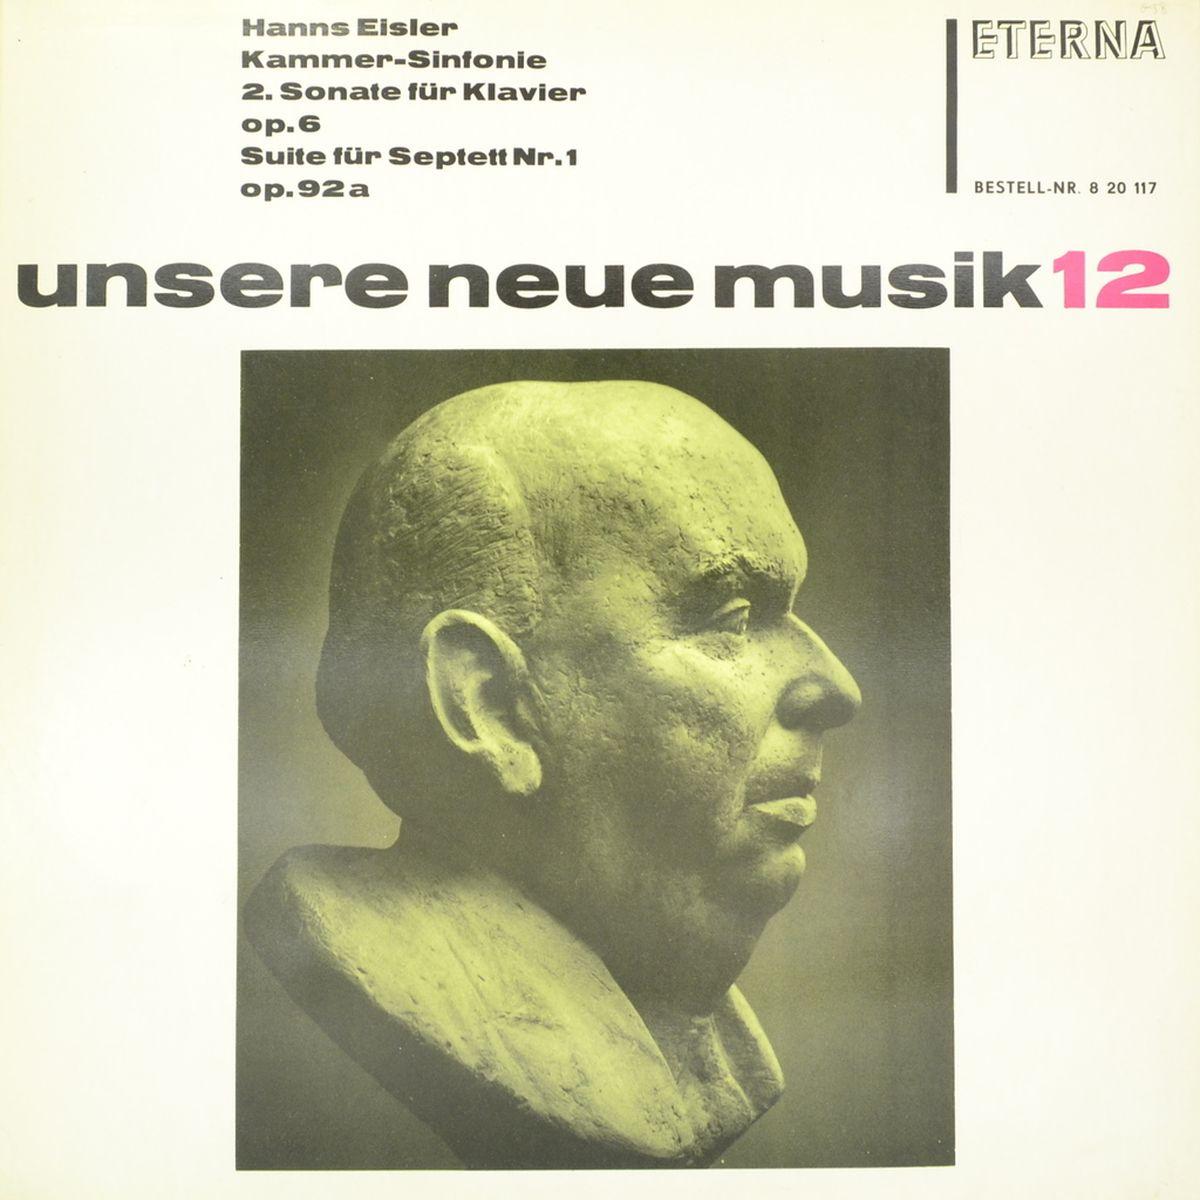 Hanns Eisler – Kammer-Sinfonie / 2. Sonate Fur Klavier, Op. 6 / Suite Fur Septett Nr. 1, Op. 92a (LP) ortuzzi 92a 201b 21hc